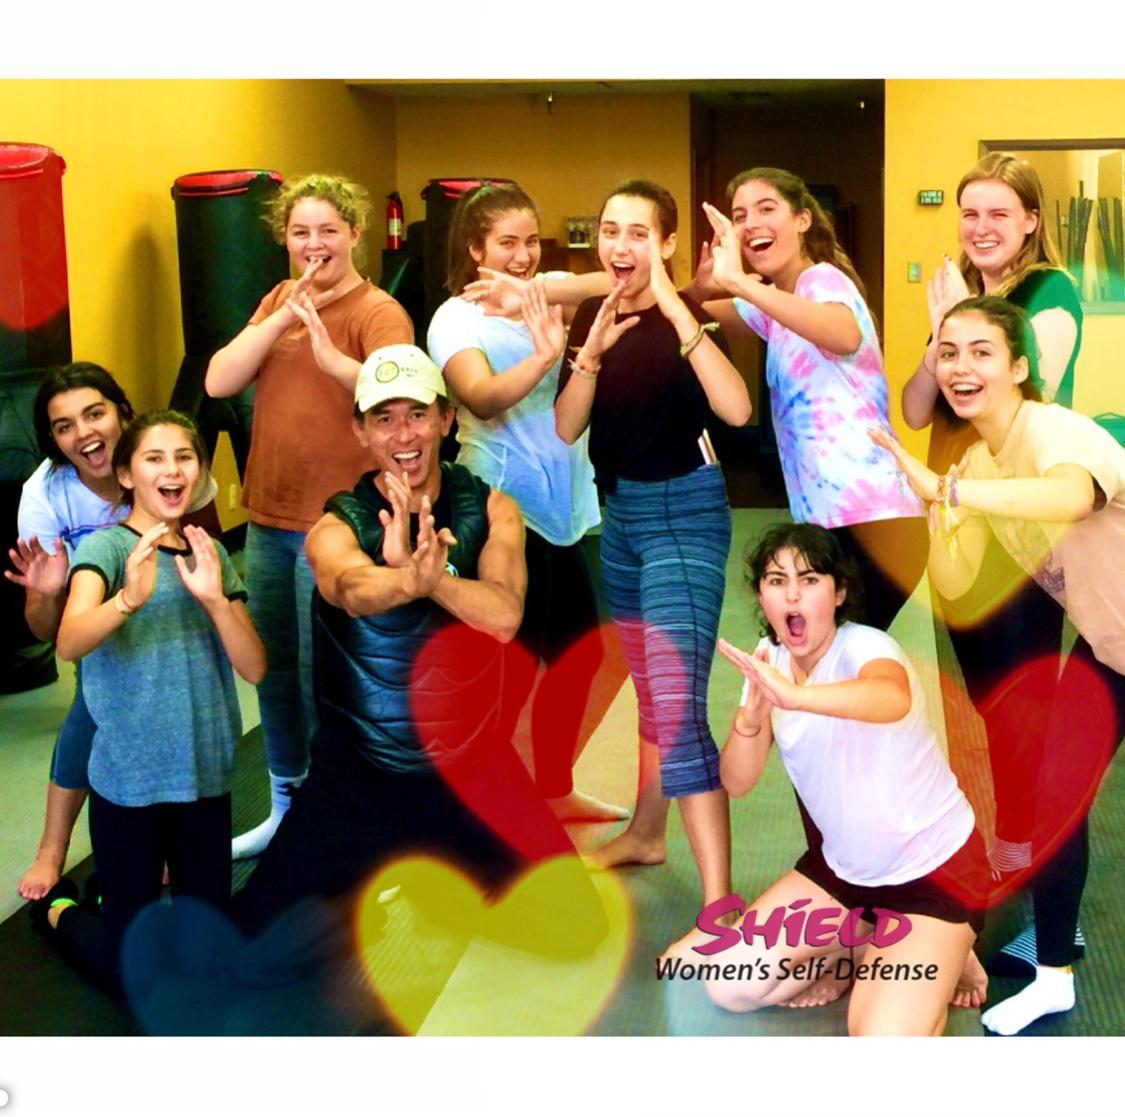 women's self defense classes for teen girls